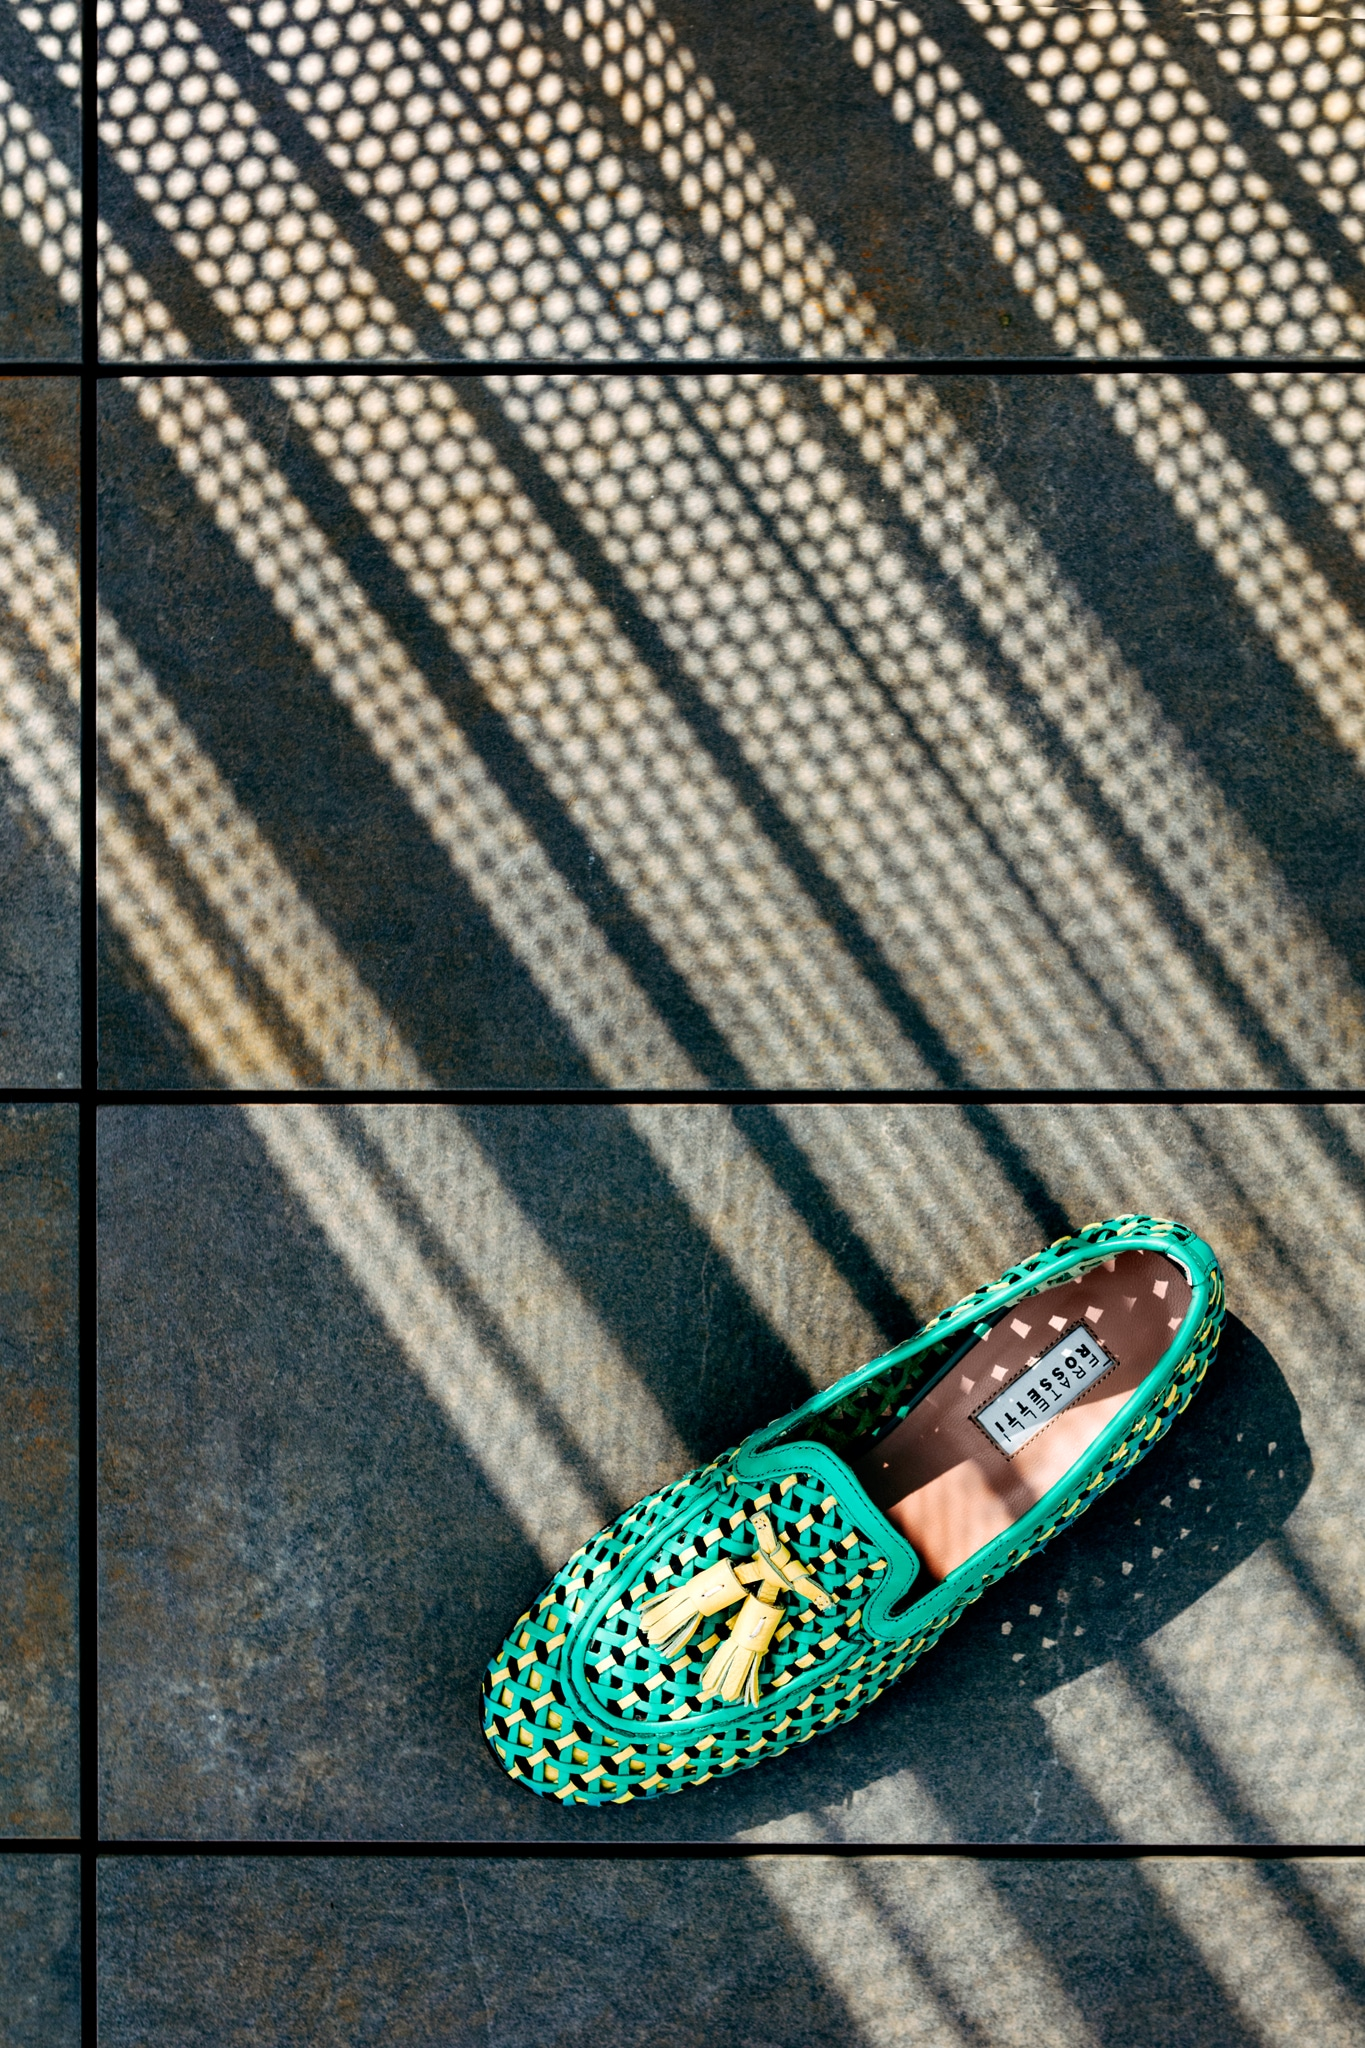 Mocassino Brera in pelleintrecciata, FRATELLI ROSSETTI(530 €). Foto Lea Anouchinsky.